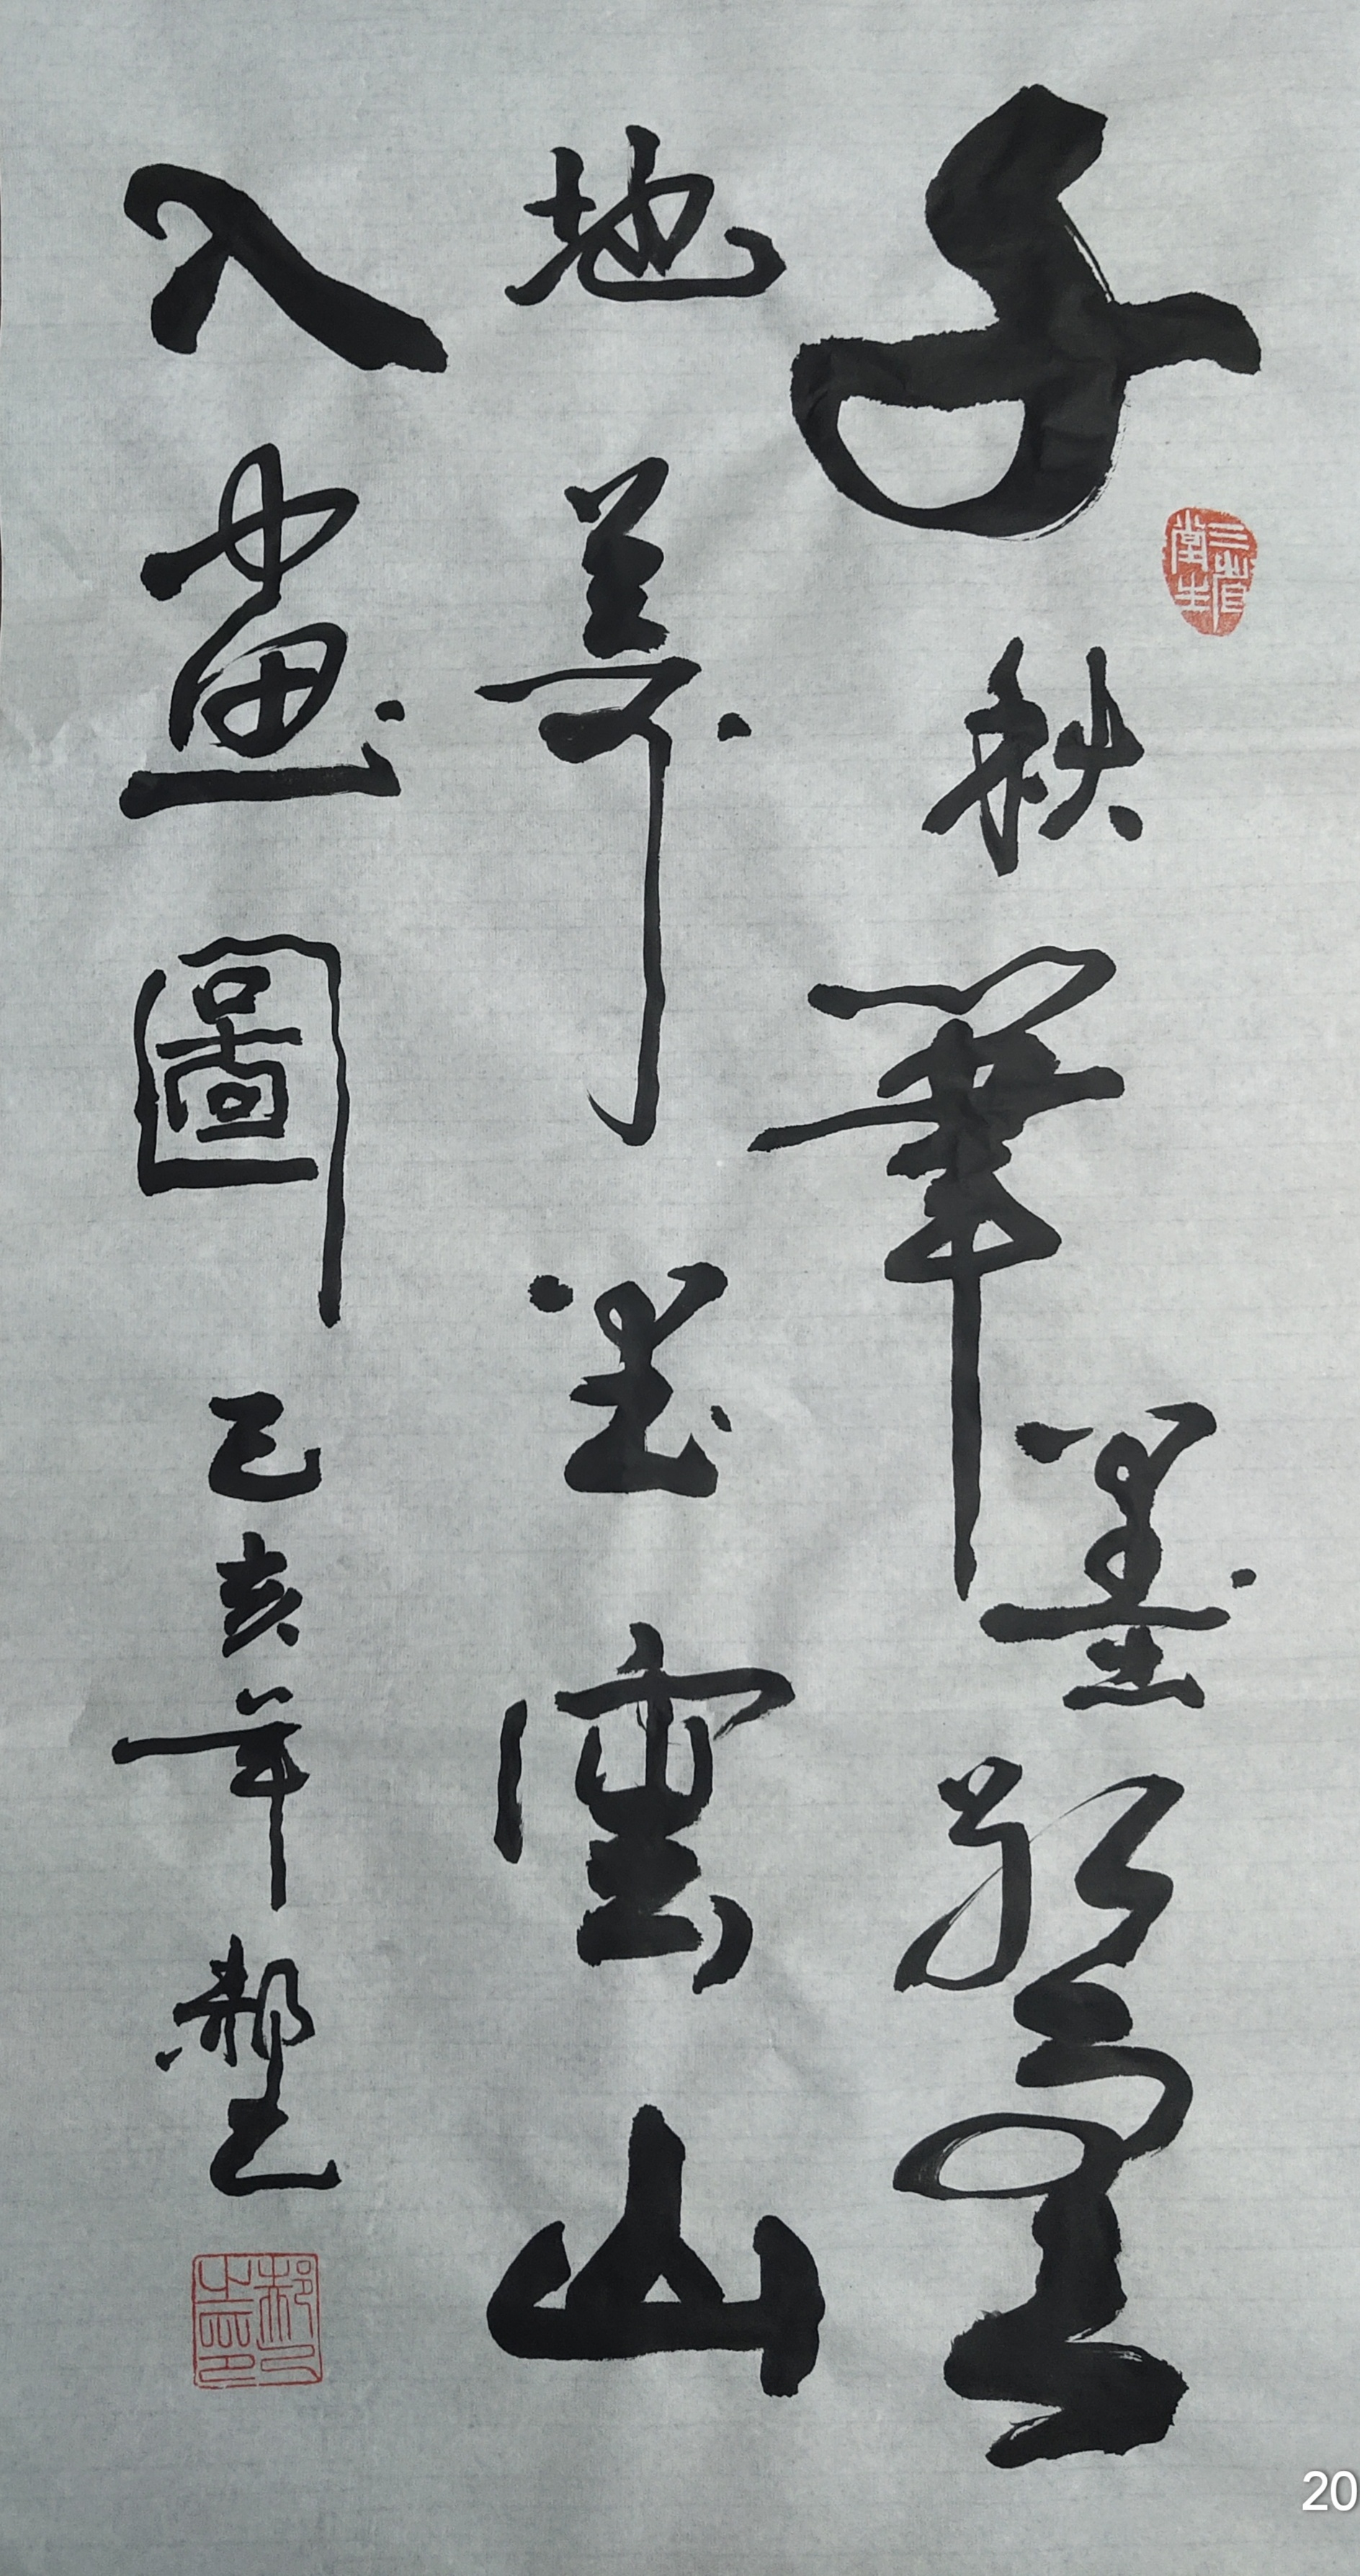 郝乙书法-千秋笔墨惊天地